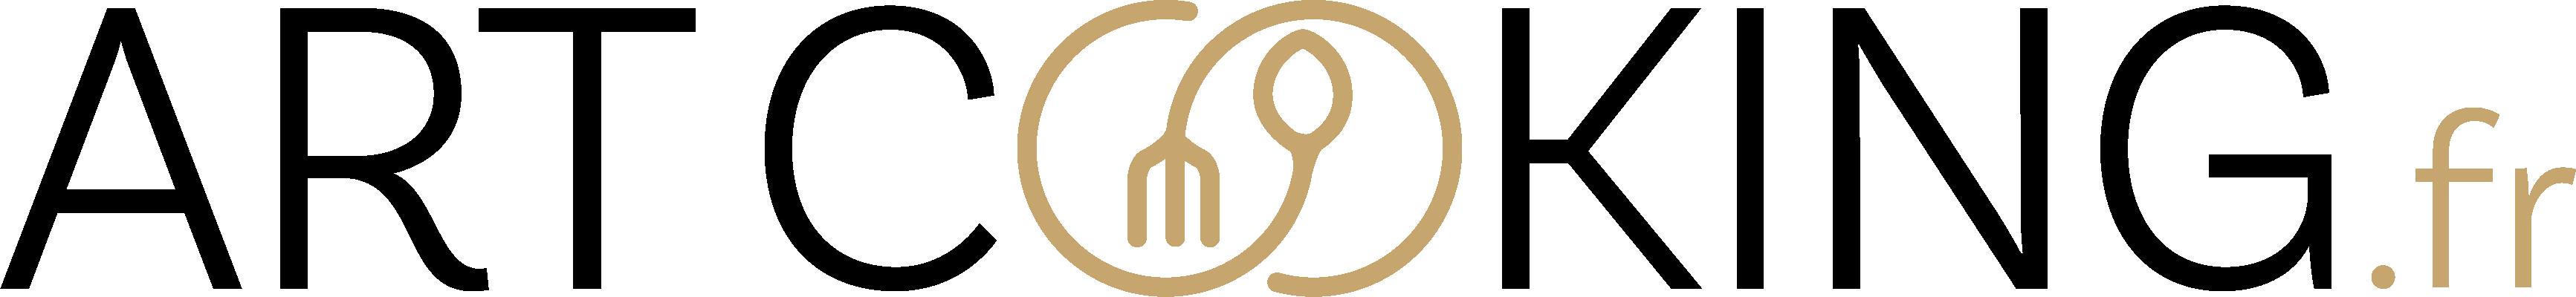 Artcooking logo